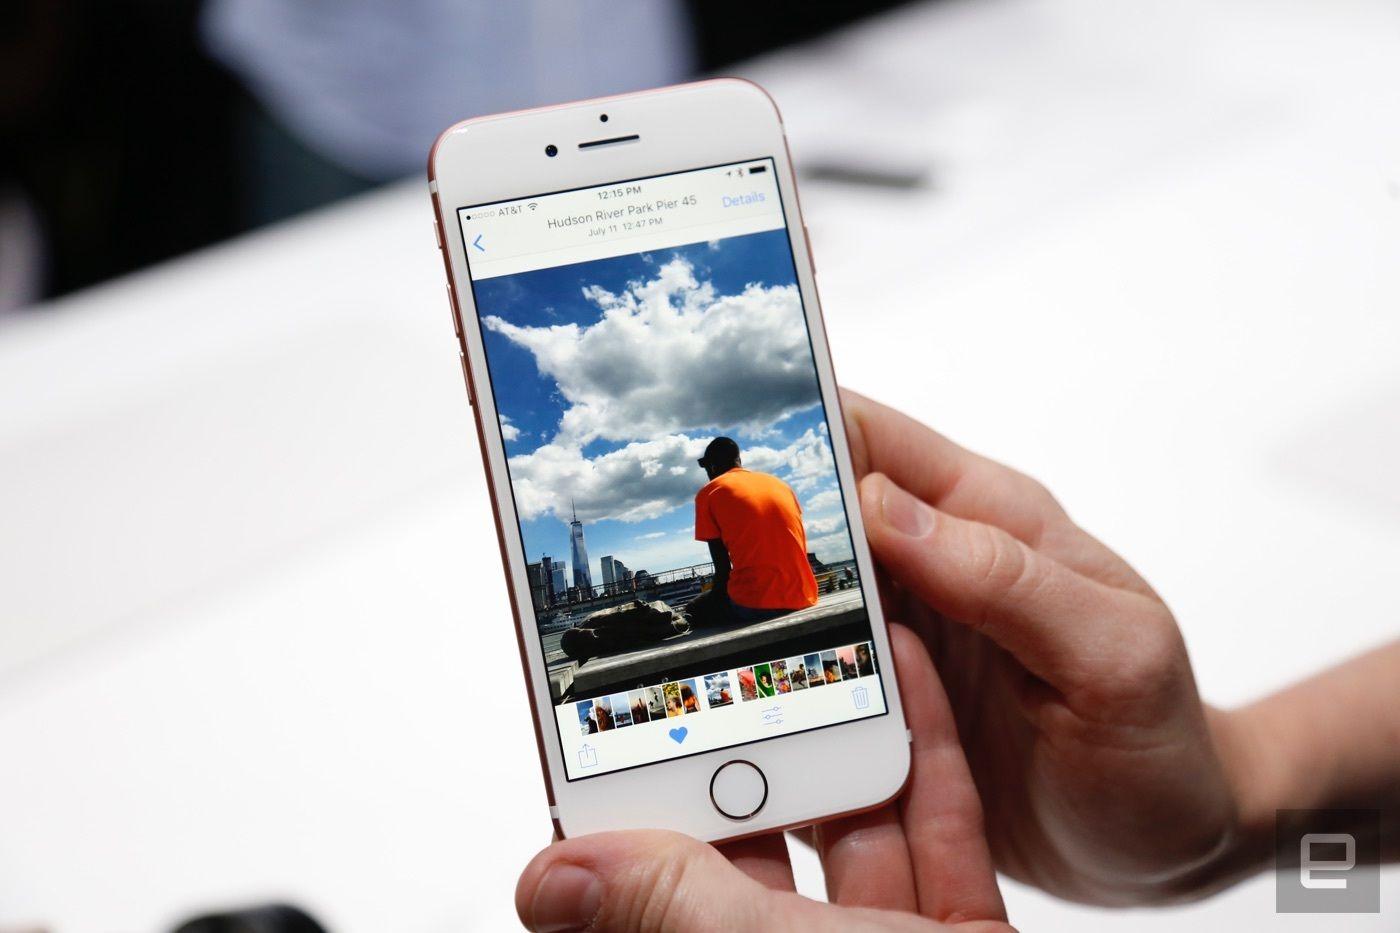 Cómo buscar objetos en fotos o imágenes en iPhone o iPad